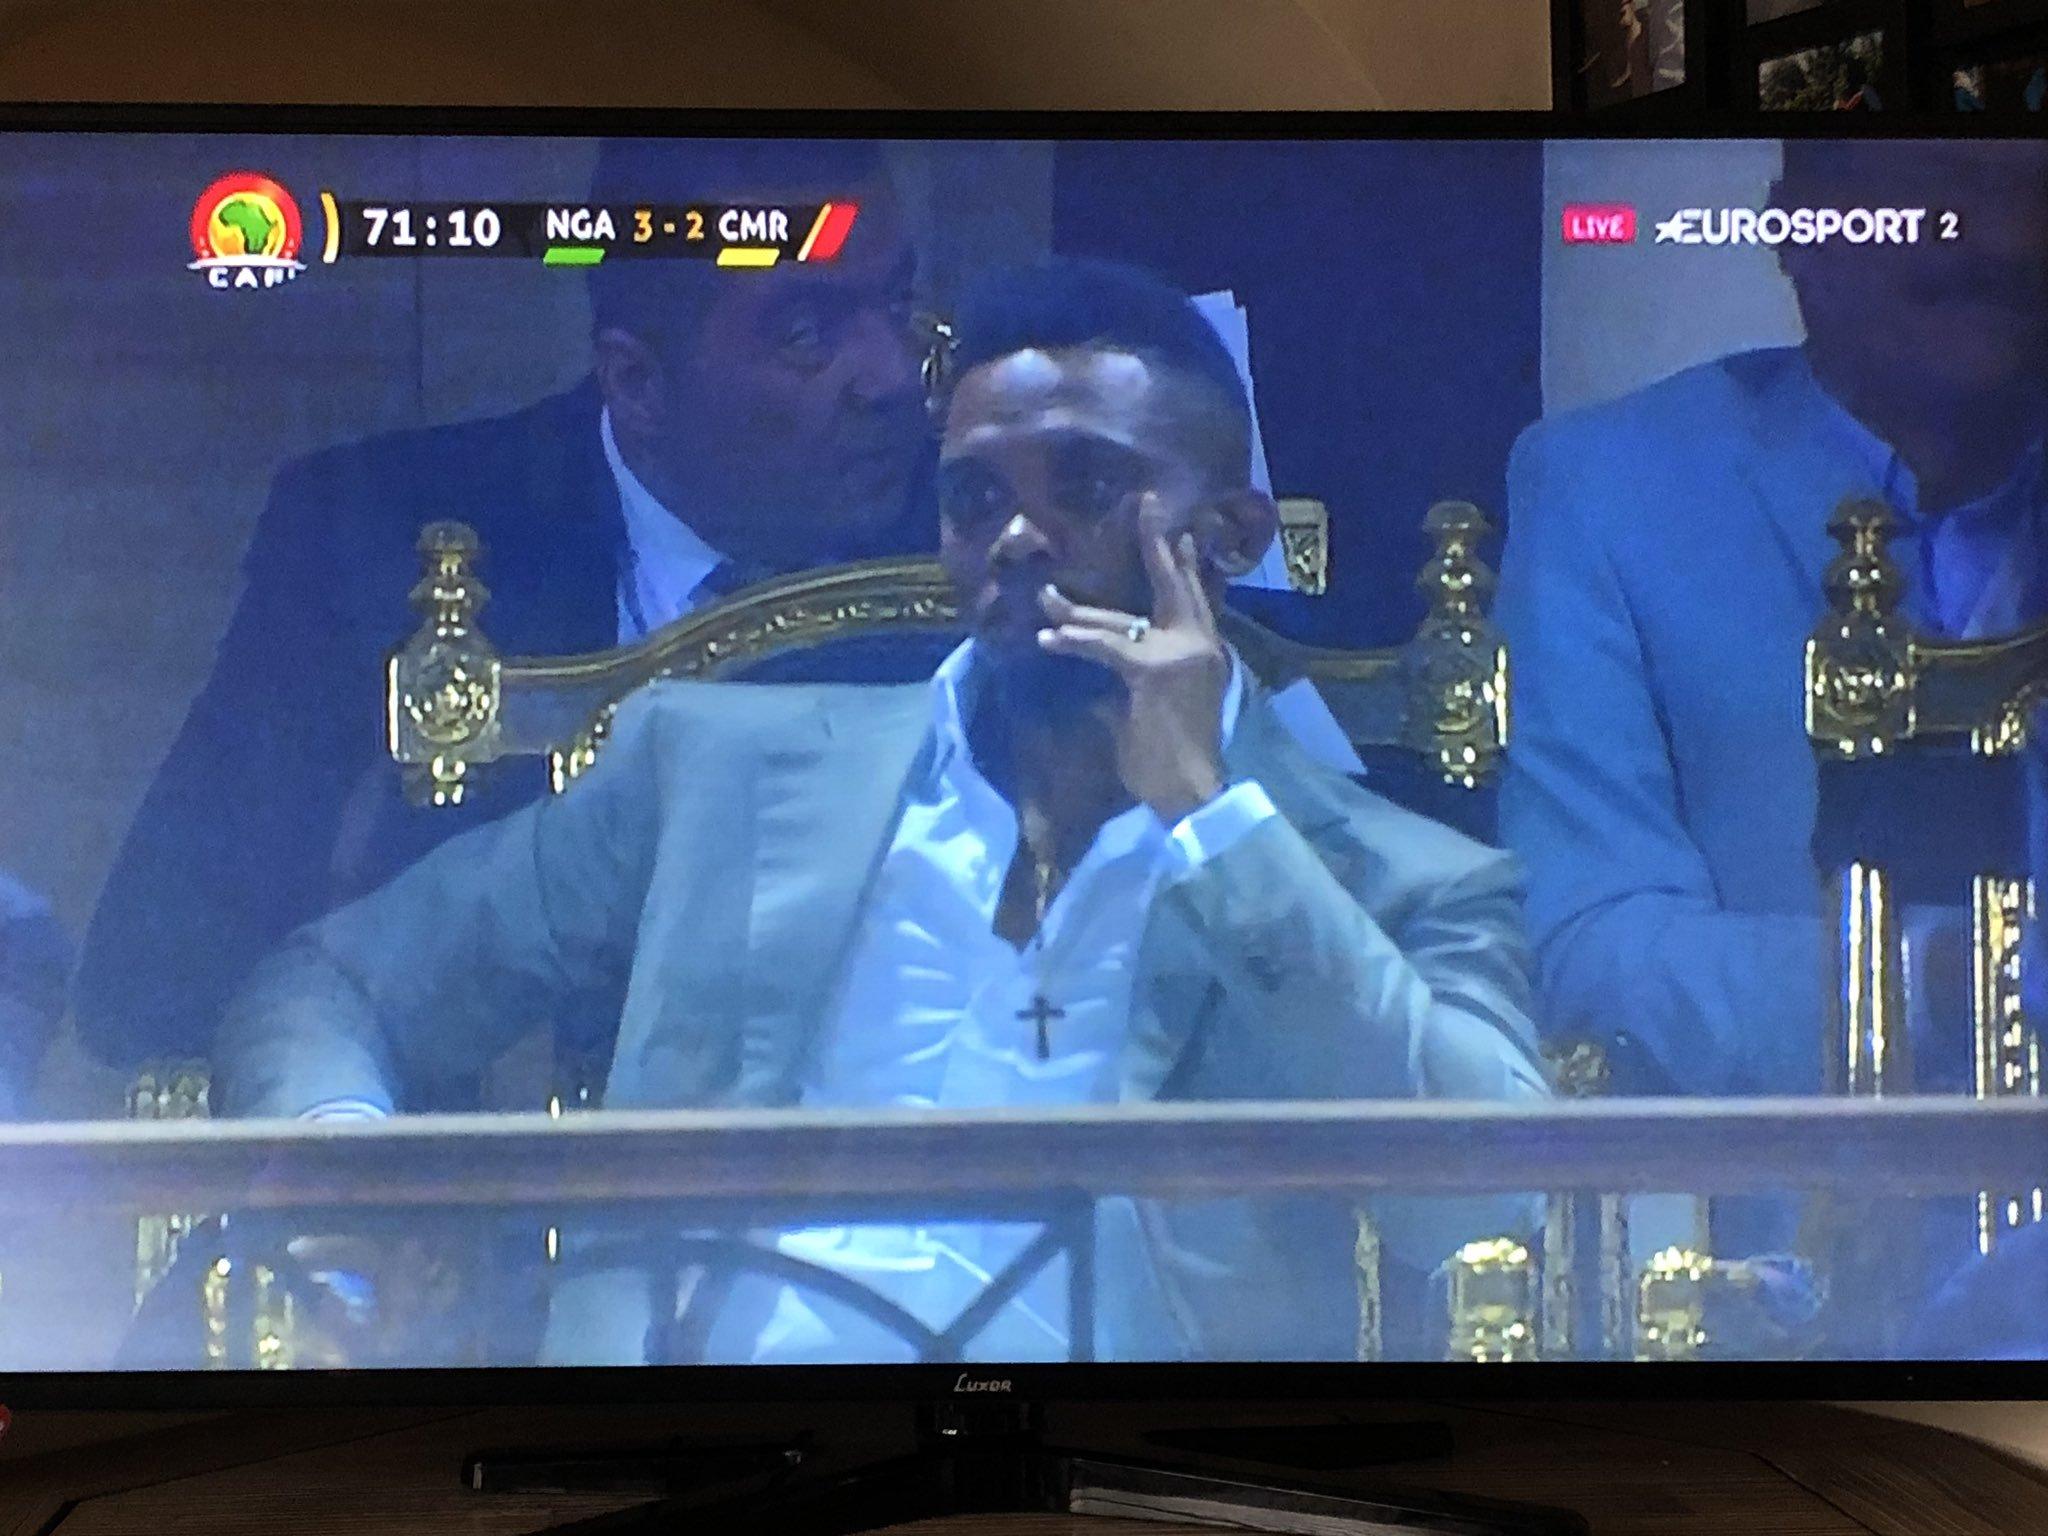 这届球员不行?埃托奥现场见证喀麦隆被逆转难掩失落